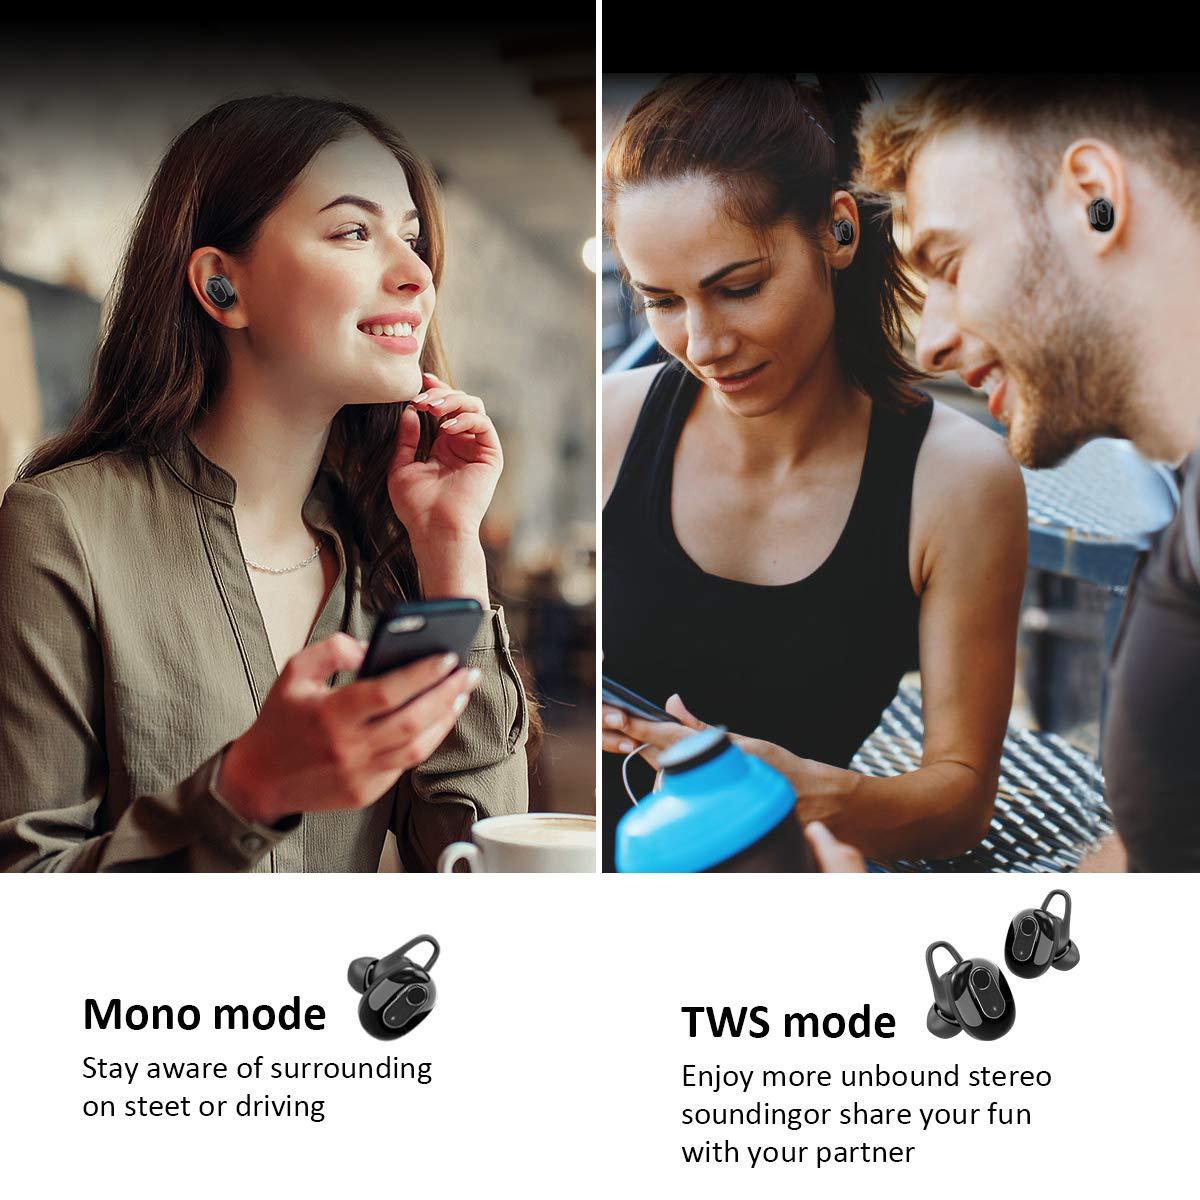 Bluetooth Kopfhörer TWS Bluetooth 5.0 In Ear Headset True Wireless Stereo Ohrhörer Sport Kabellose Earbuds mit 500 mAh Ladekasten und Integriertem Mikrofon für iPhone, Android und iPad